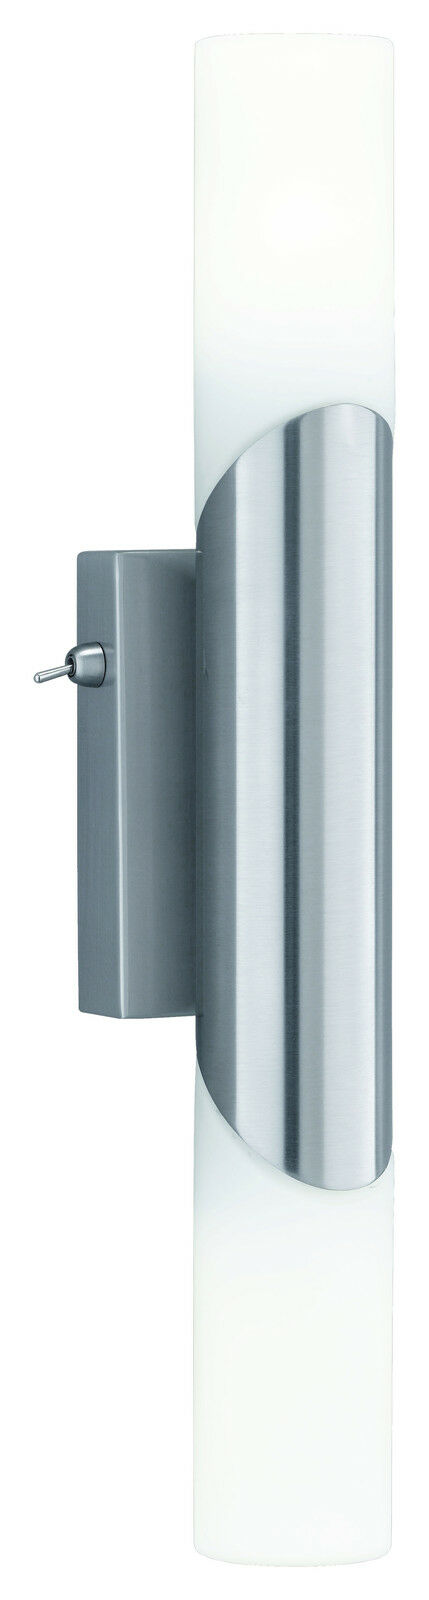 Moderne Wandleuchte, Badleuchte, 2 x E14, mit Schalter, Treppenhaus, LED möglich